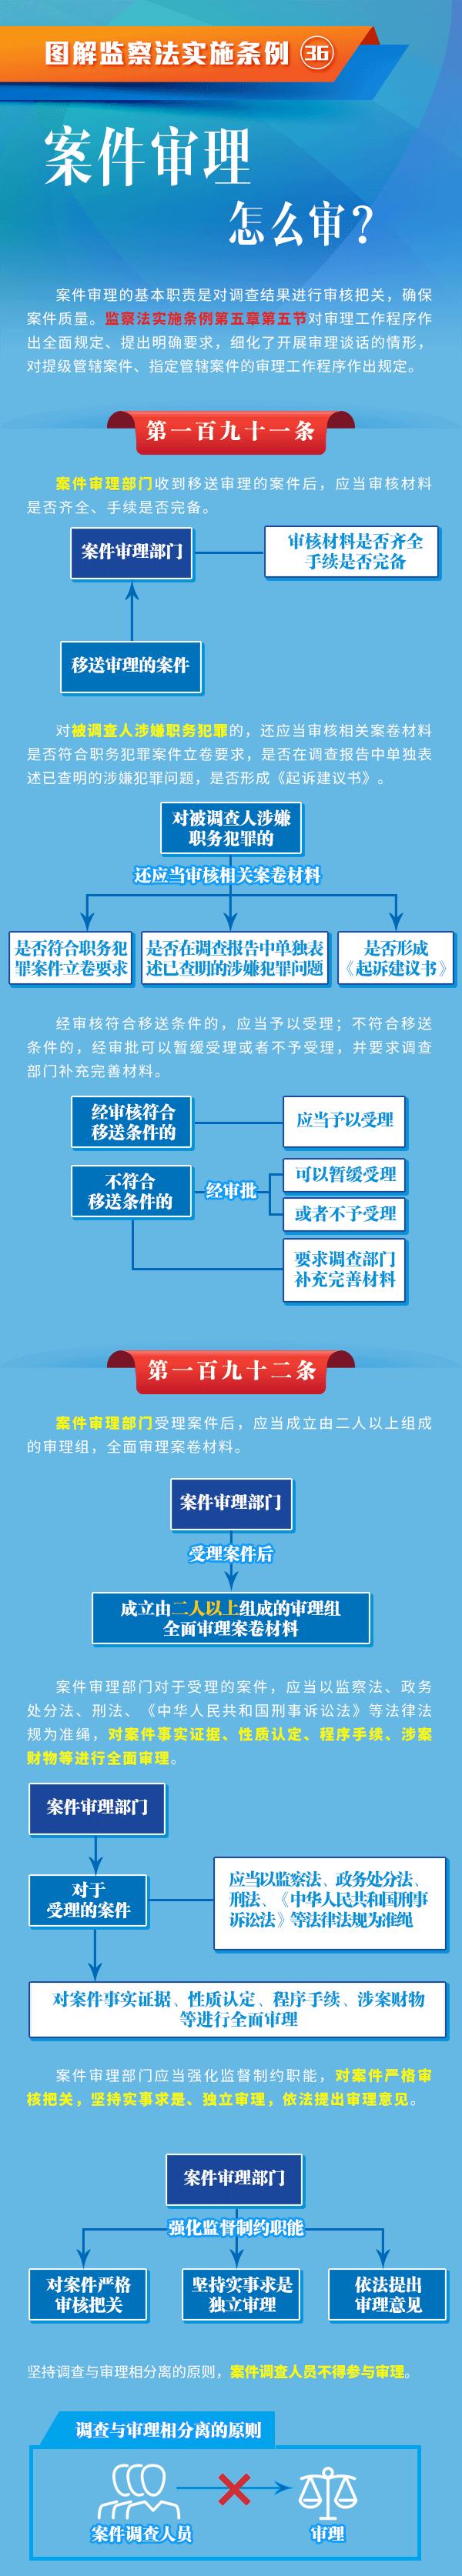 【图解监察法实施条例(36)】案件审理怎么审?